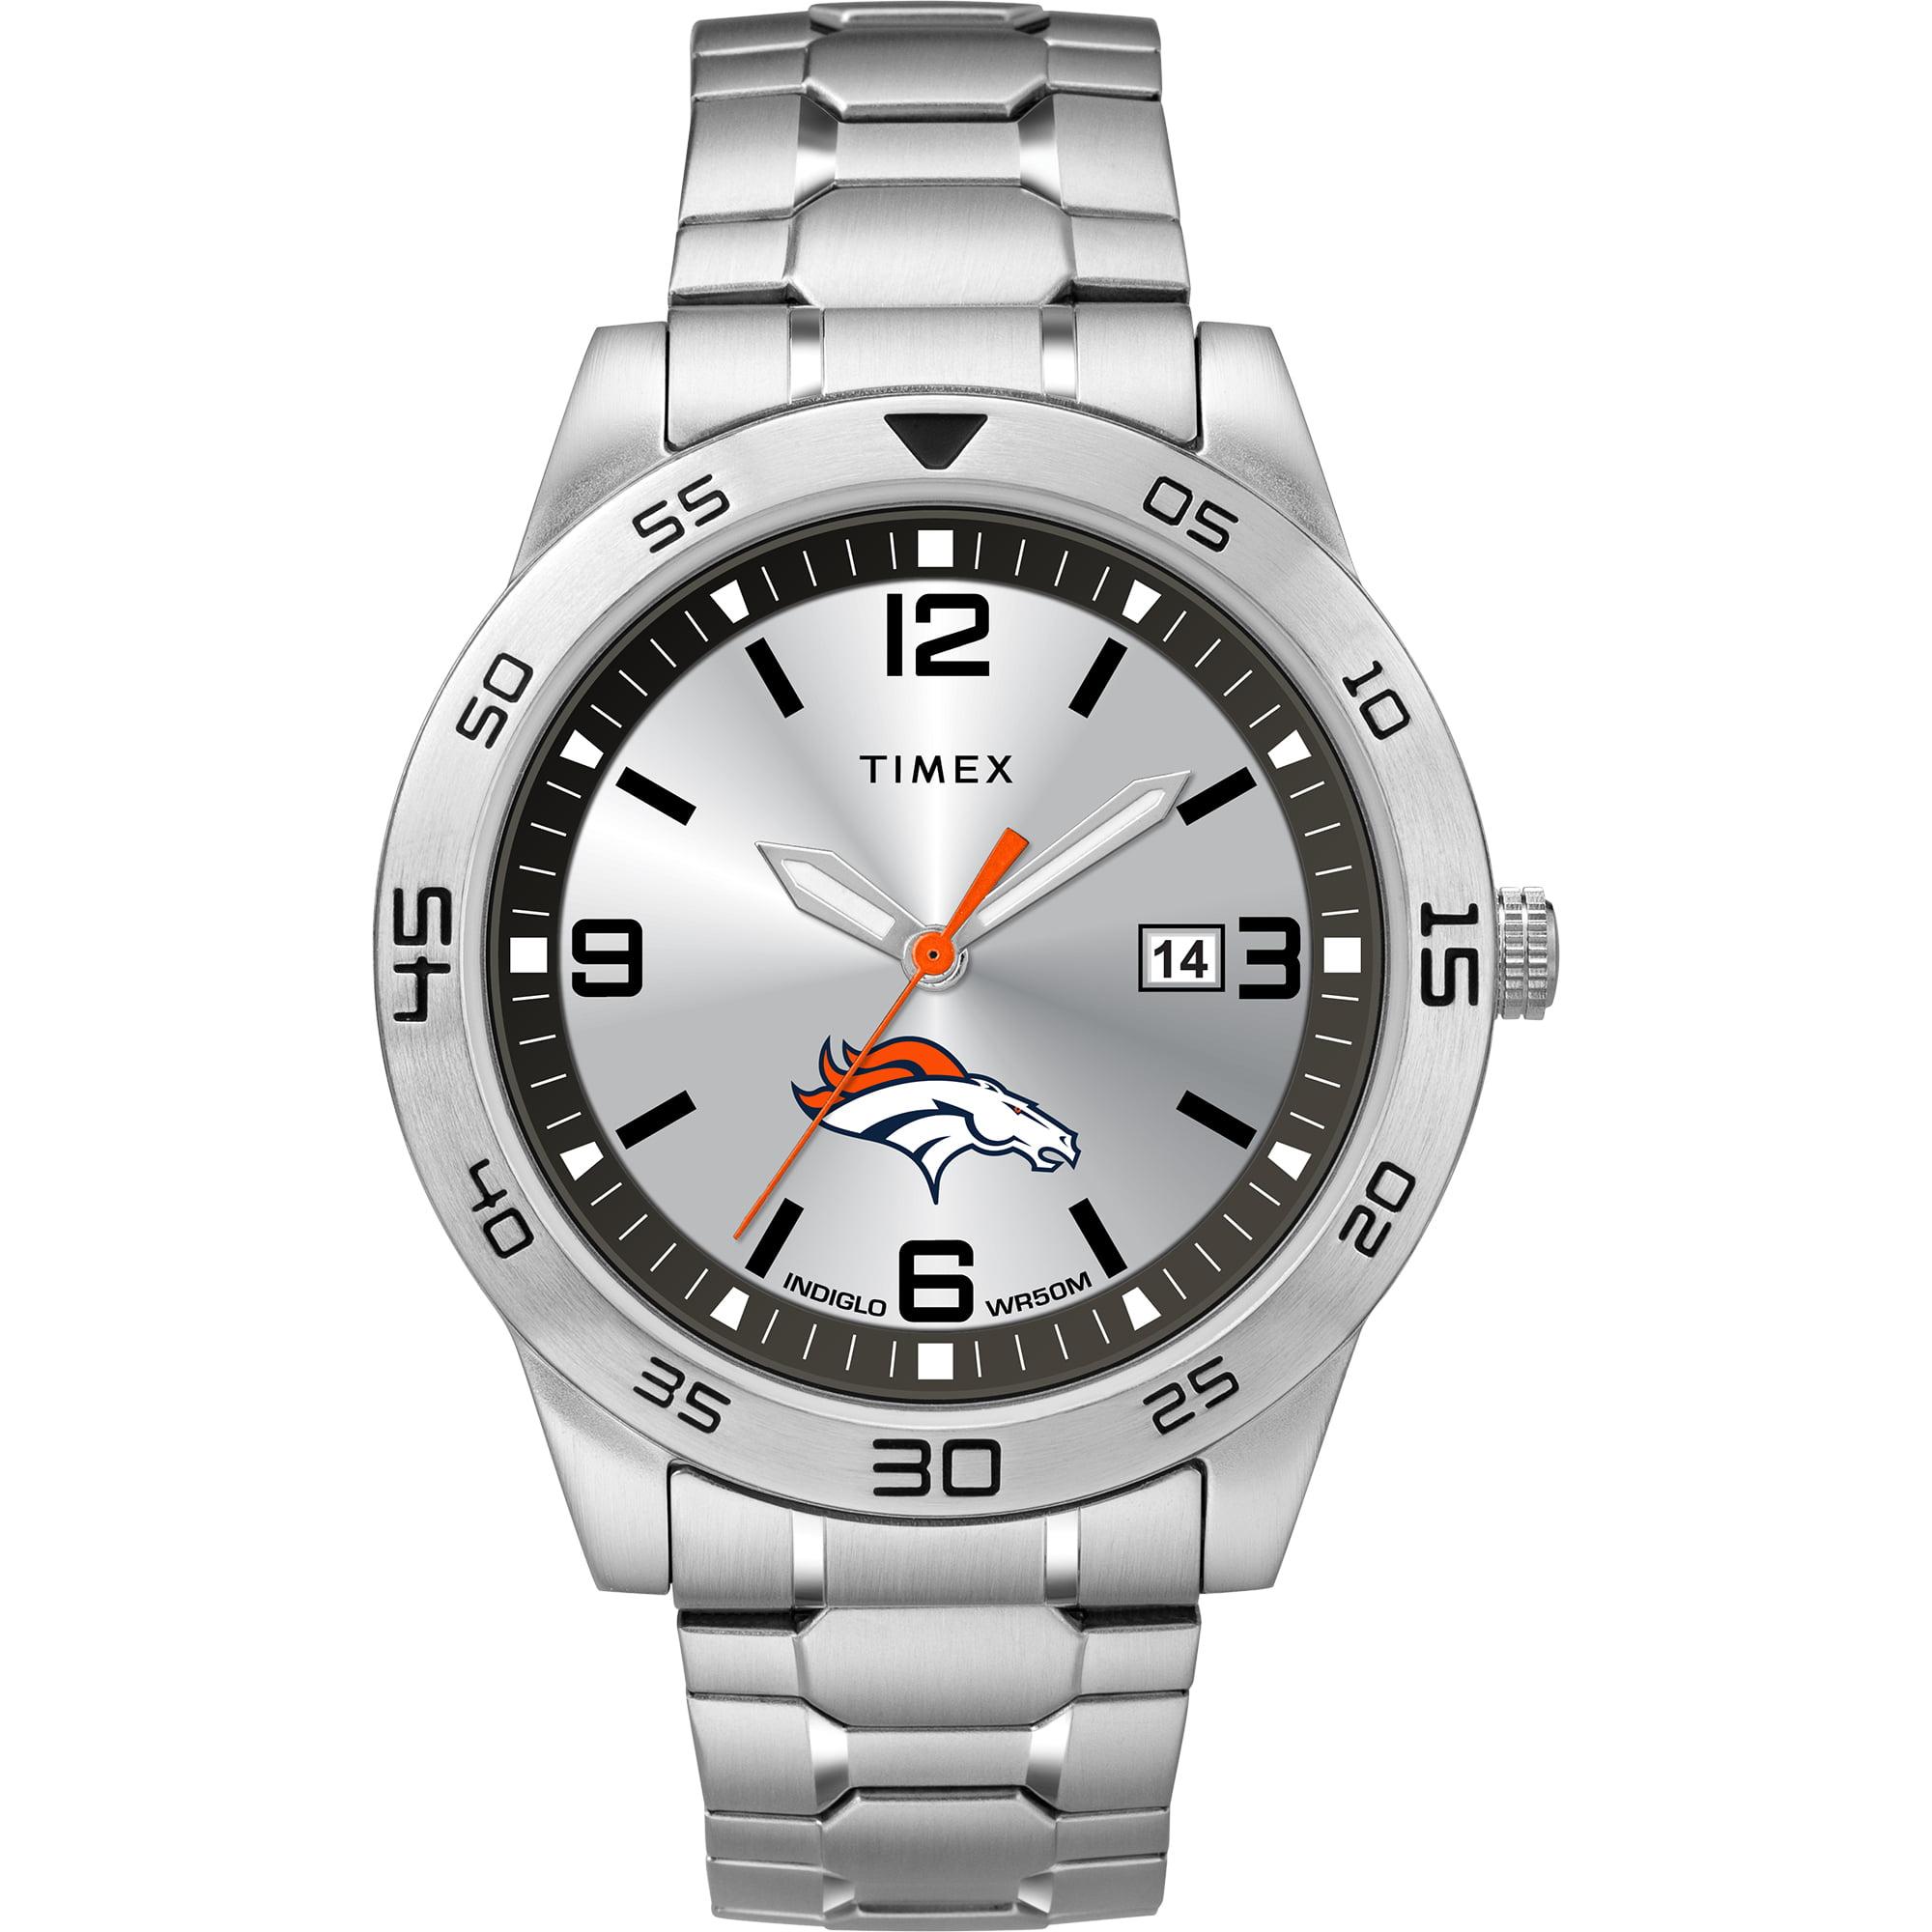 Timex - NFL Tribute Collection Citation Men's Watch, Denver Broncos